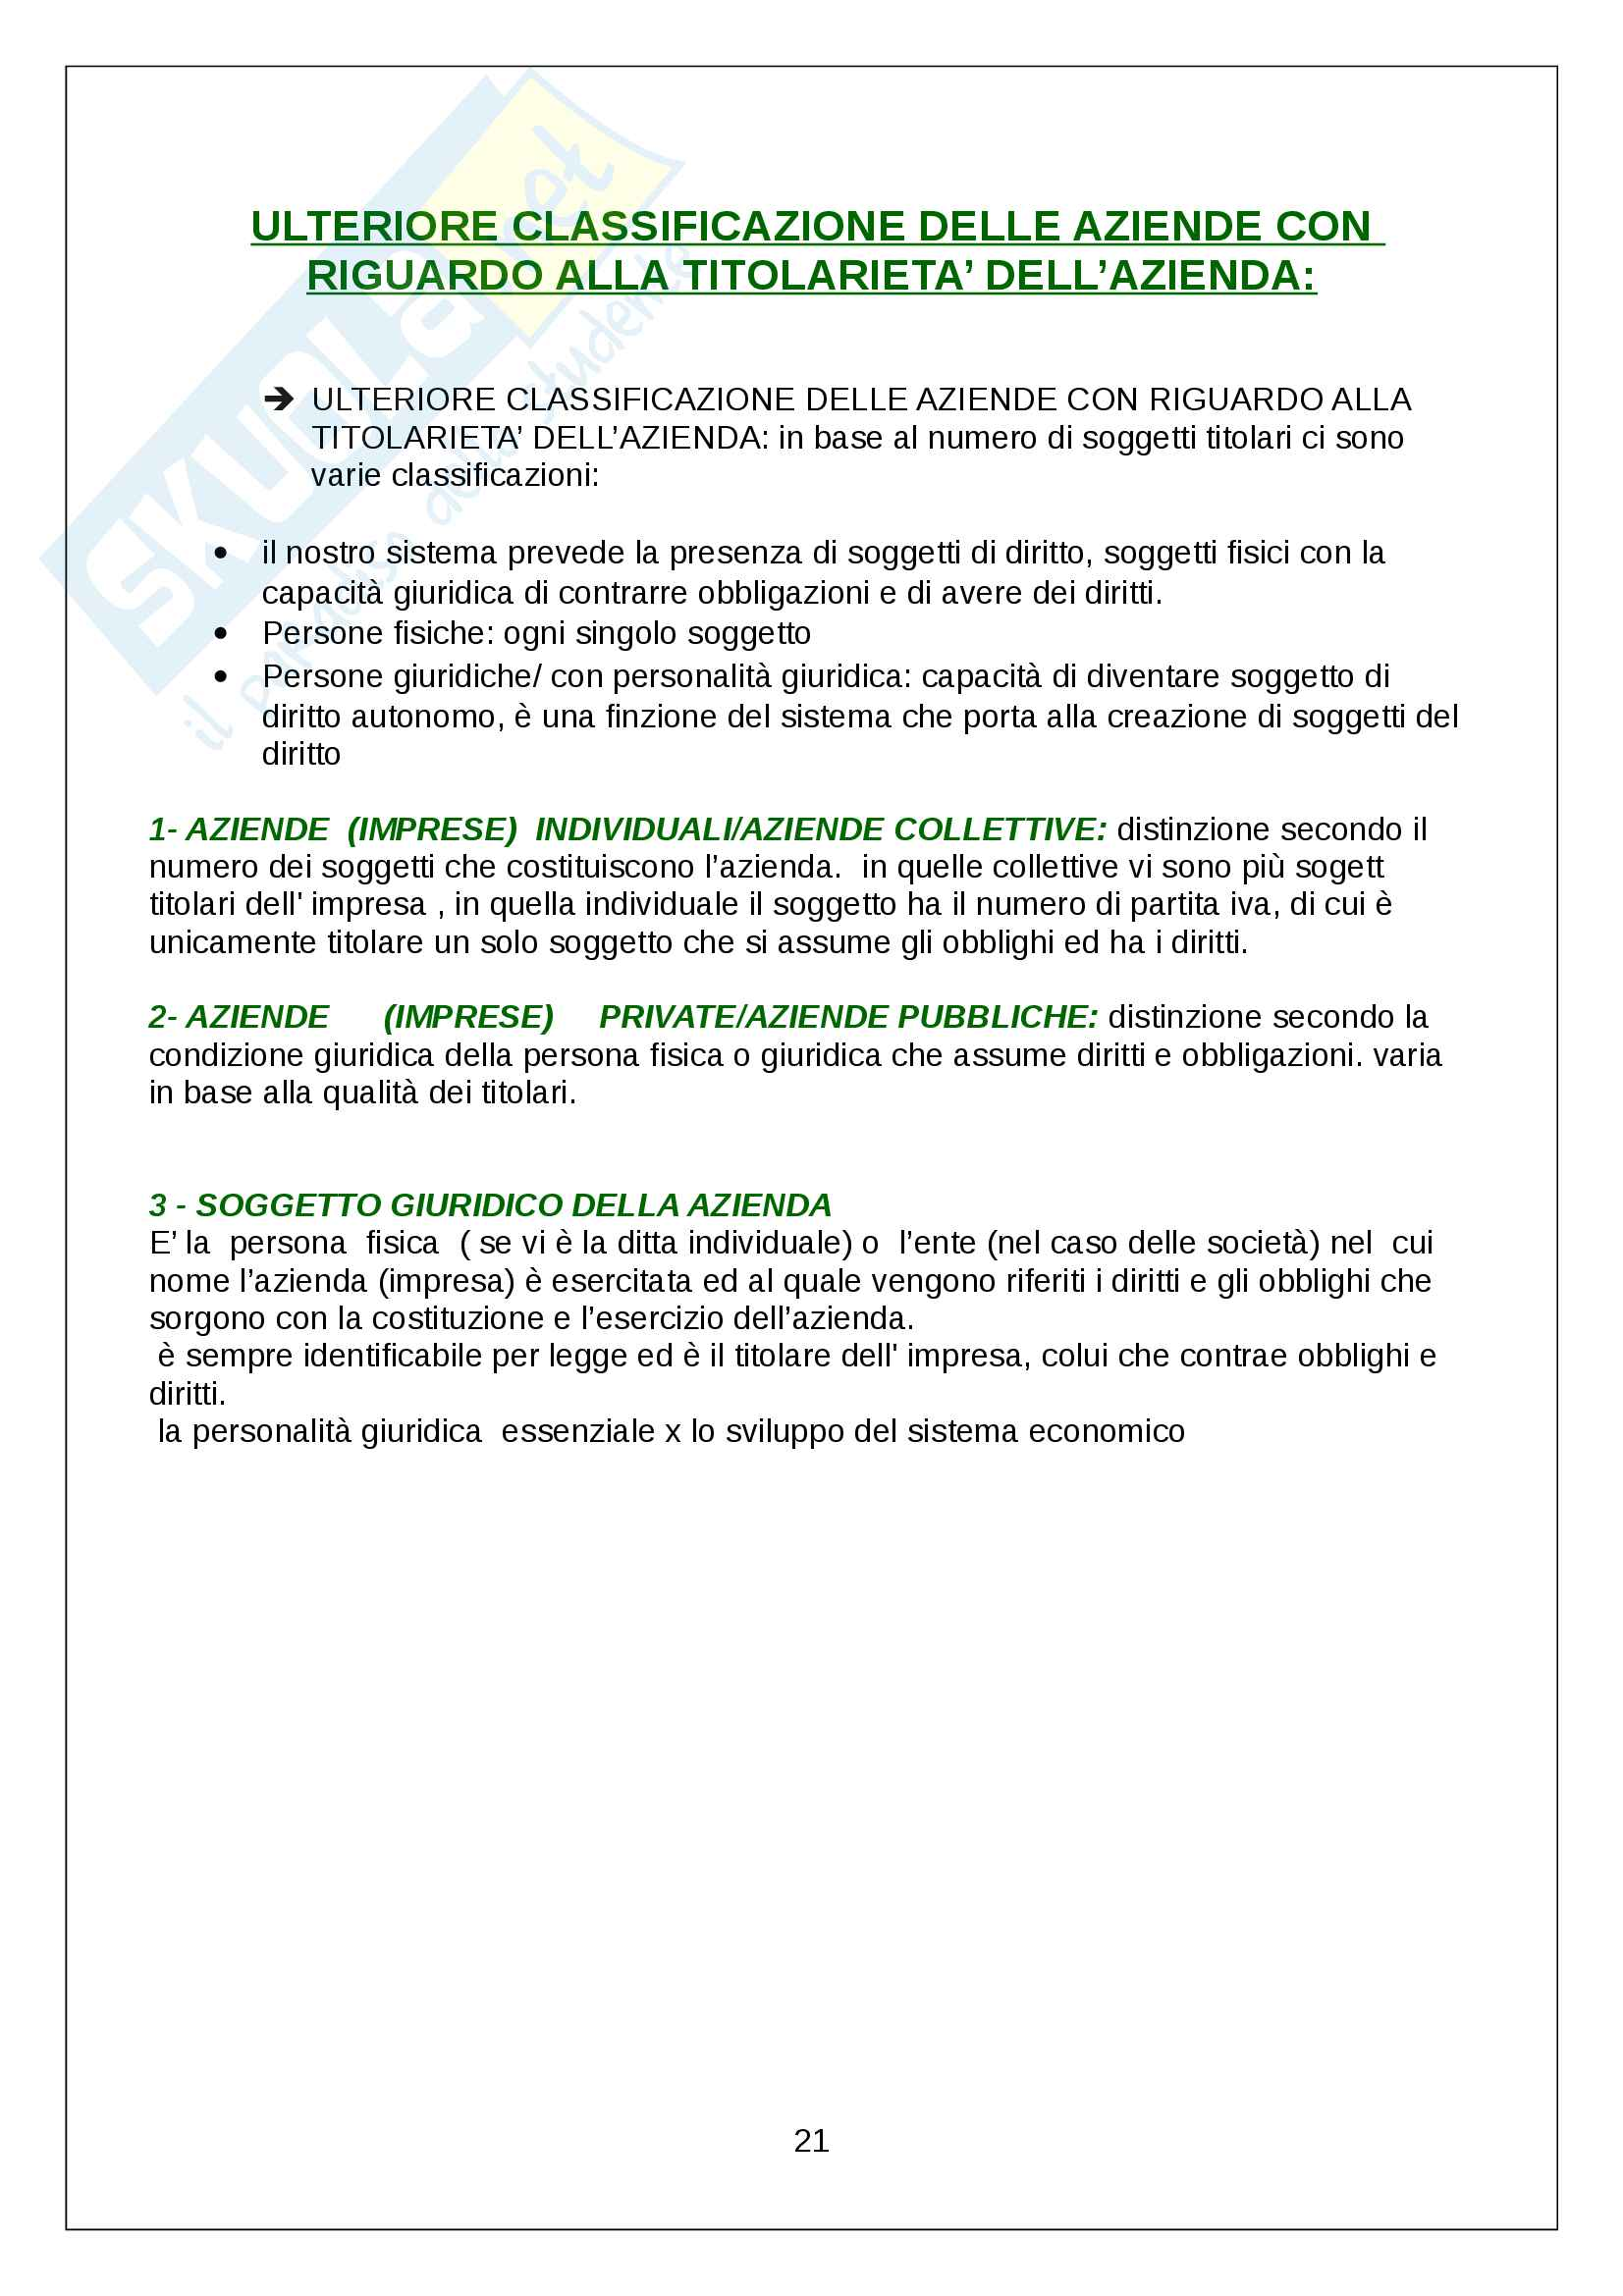 Appunti Economia aziendale Pag. 21